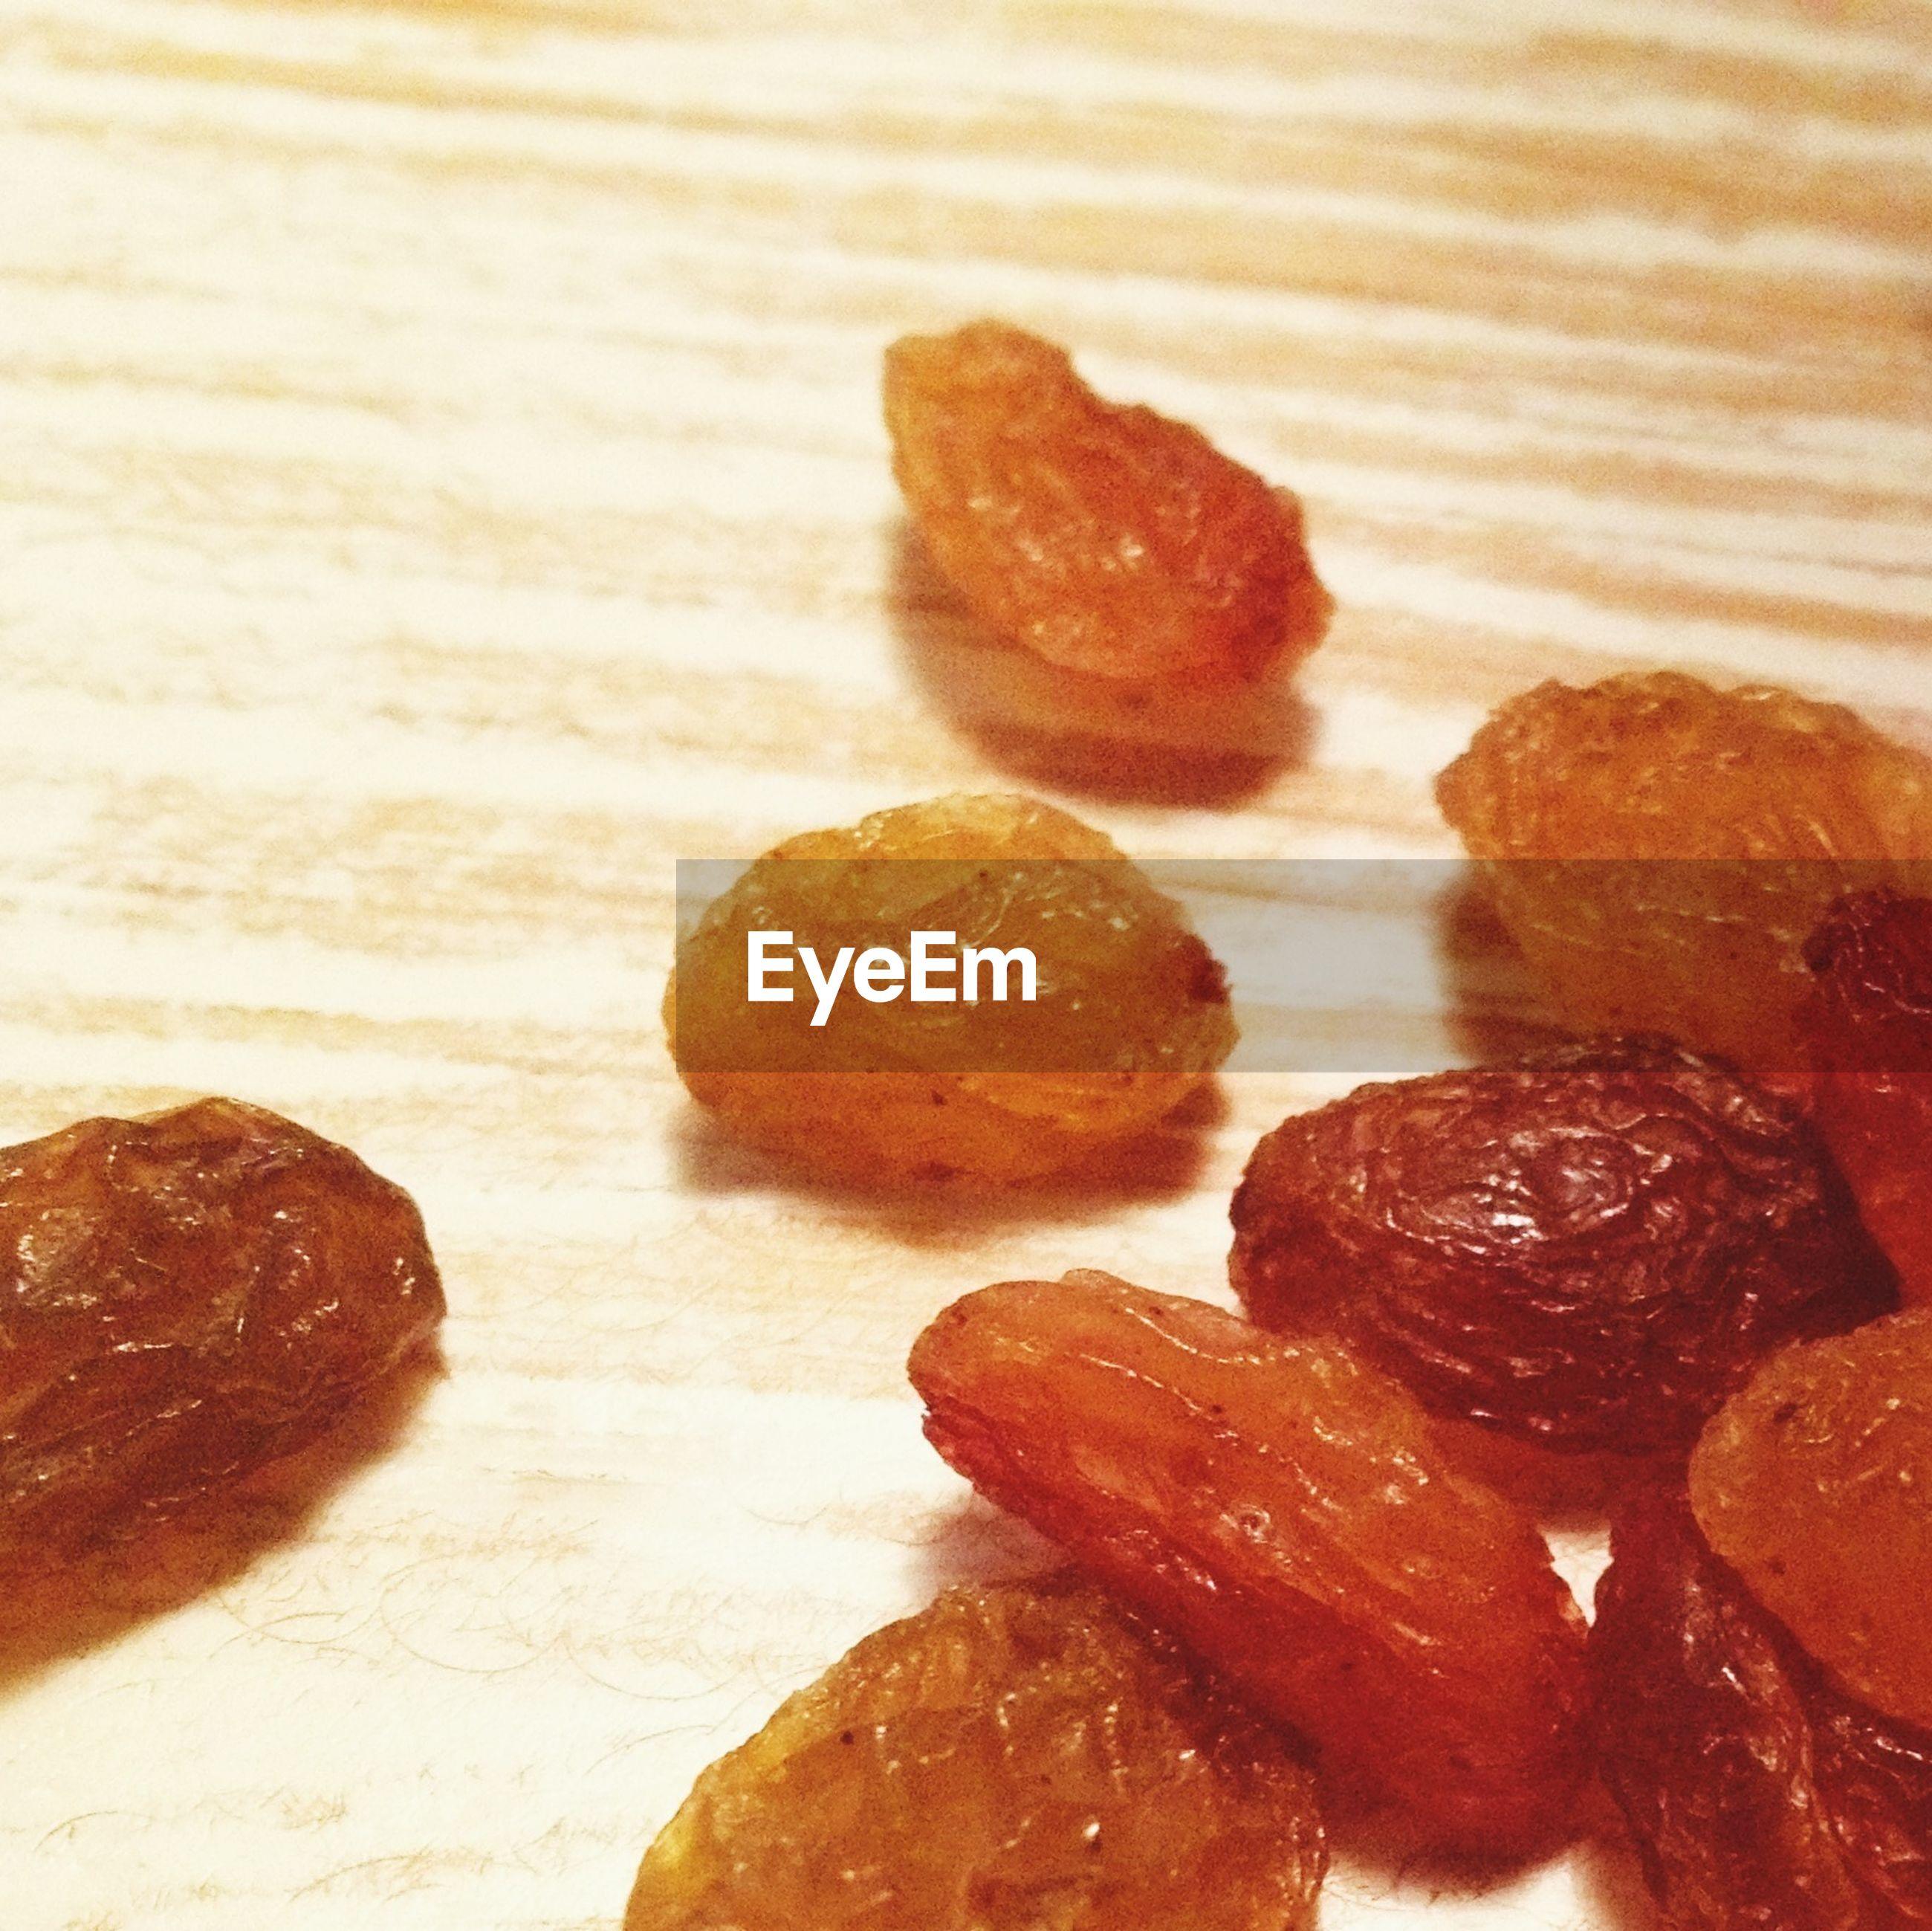 Raisins on wooden surface